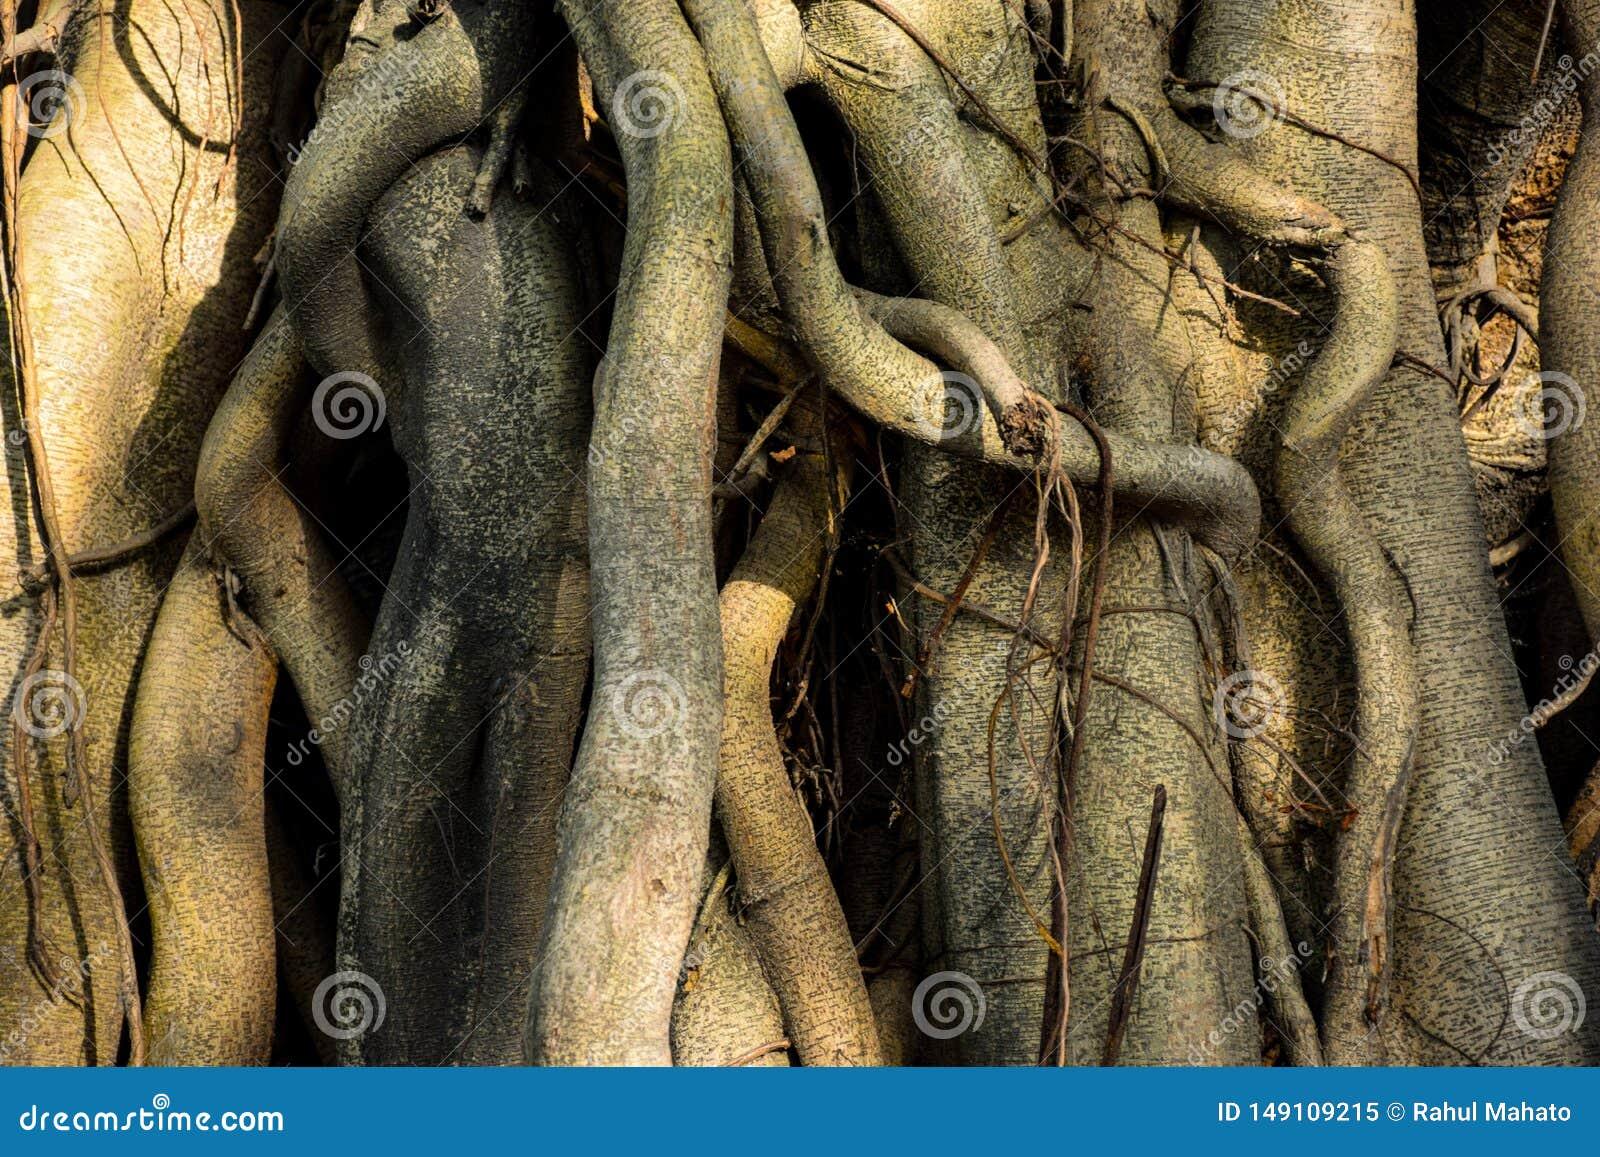 De wortelsclose-up van de Banyanboom bij ochtendzonlicht in West-Bengalen India